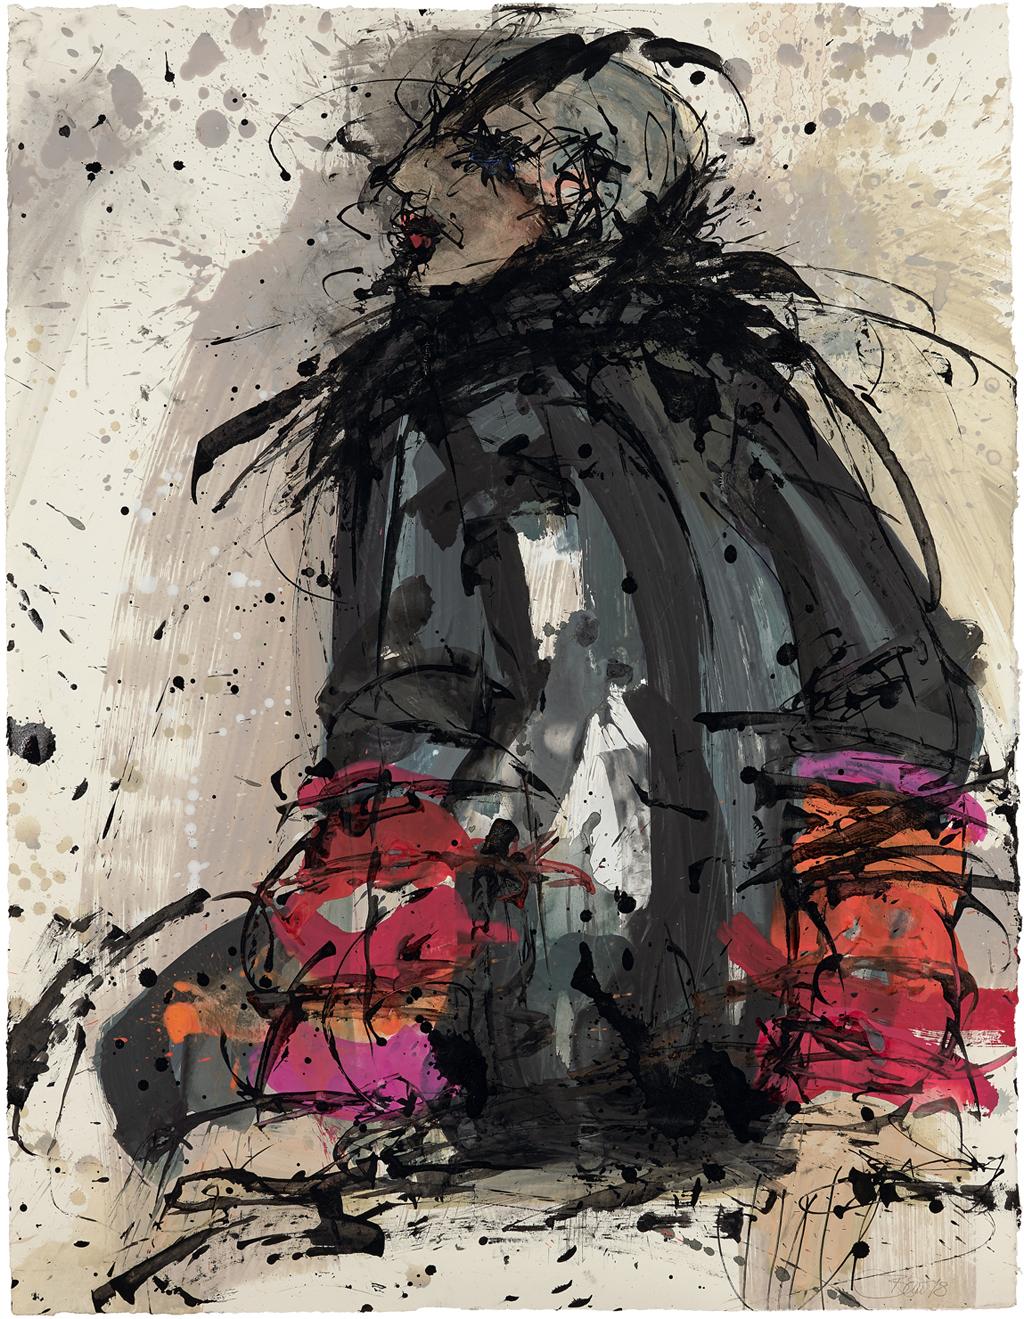 Transfer und Transformation - Nancy Cunard 2018, Acryl und Schellack-Tusche auf Papier, 88 x 68 cm